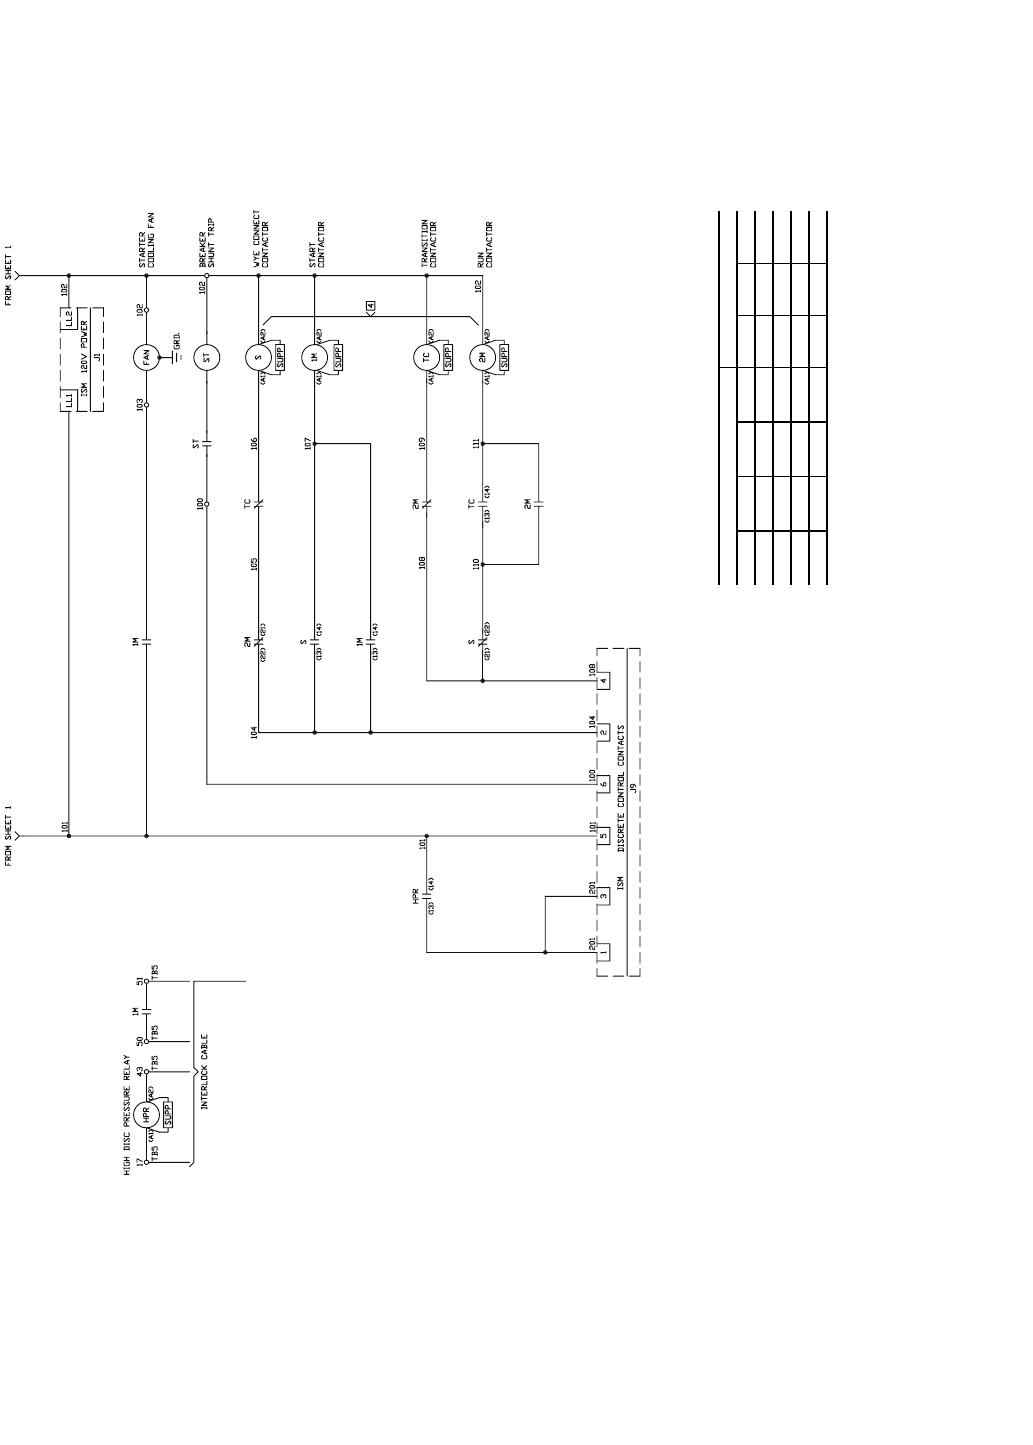 Carrier 19xr Xrv Fig 45 Allen Bradley Wye Delta Unit Mounted Vfd Wiring Diagram Starter Cont